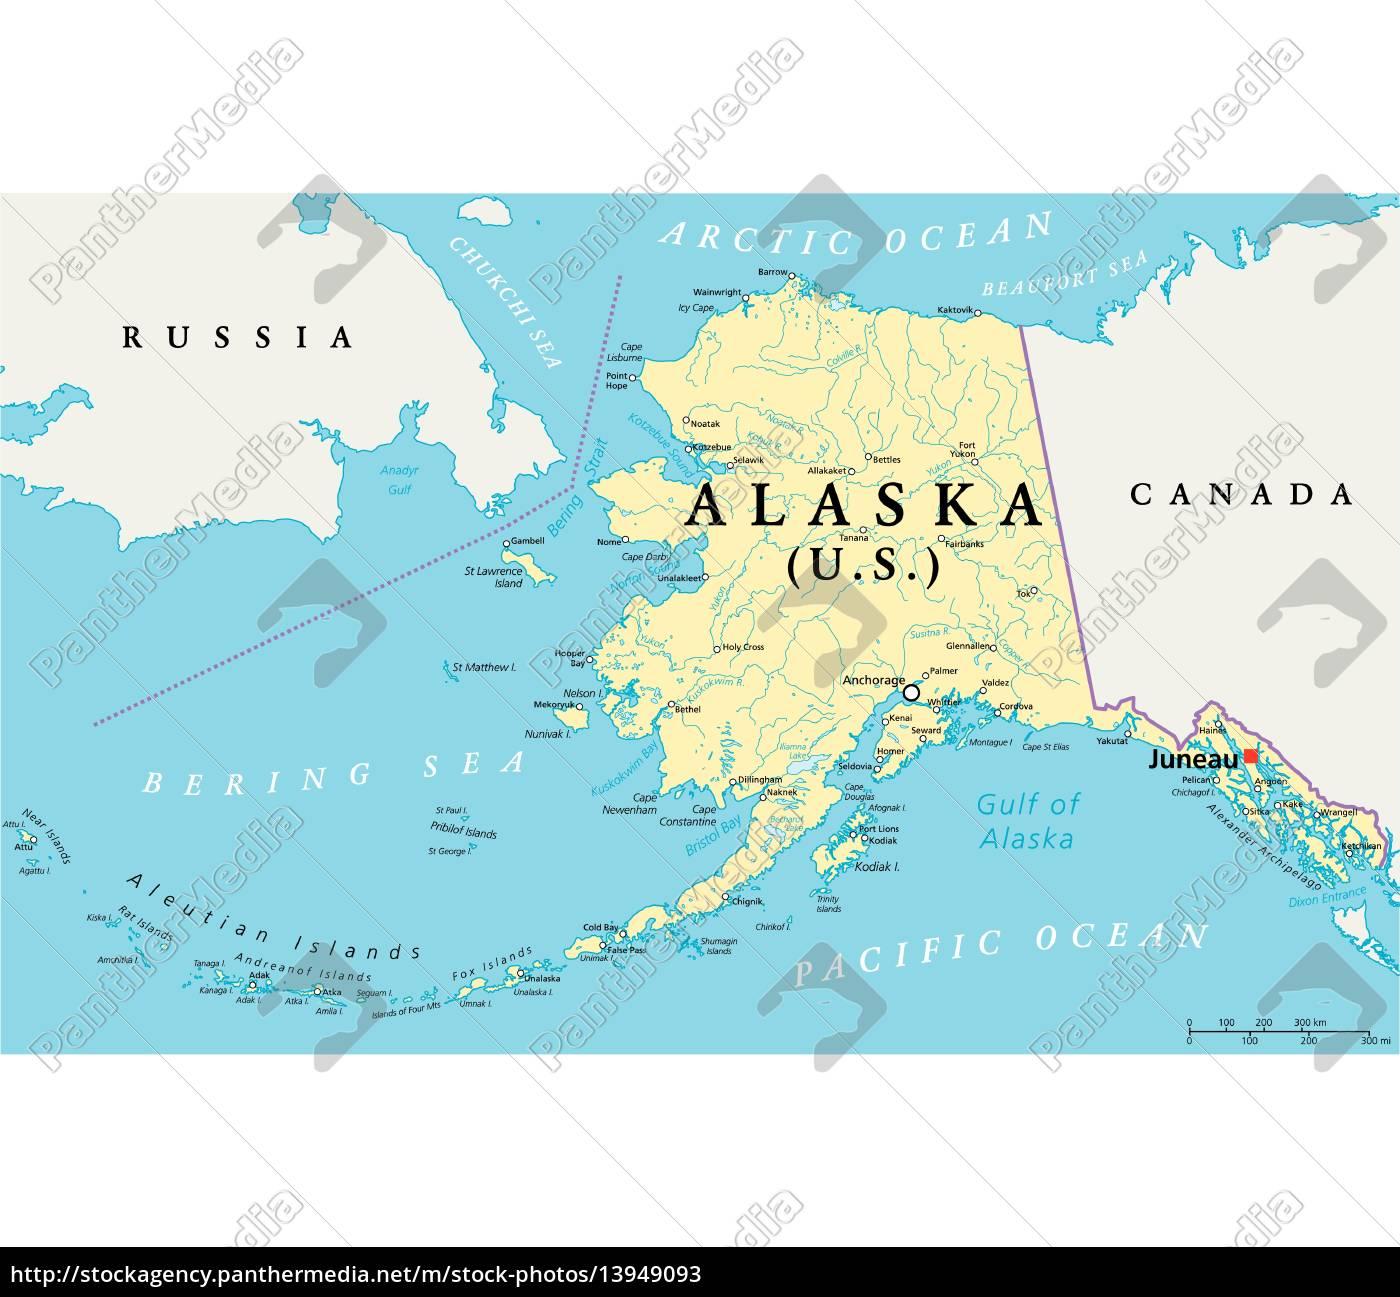 alaska karte alaska politische karte   Lizenzfreies Bild   #13949093